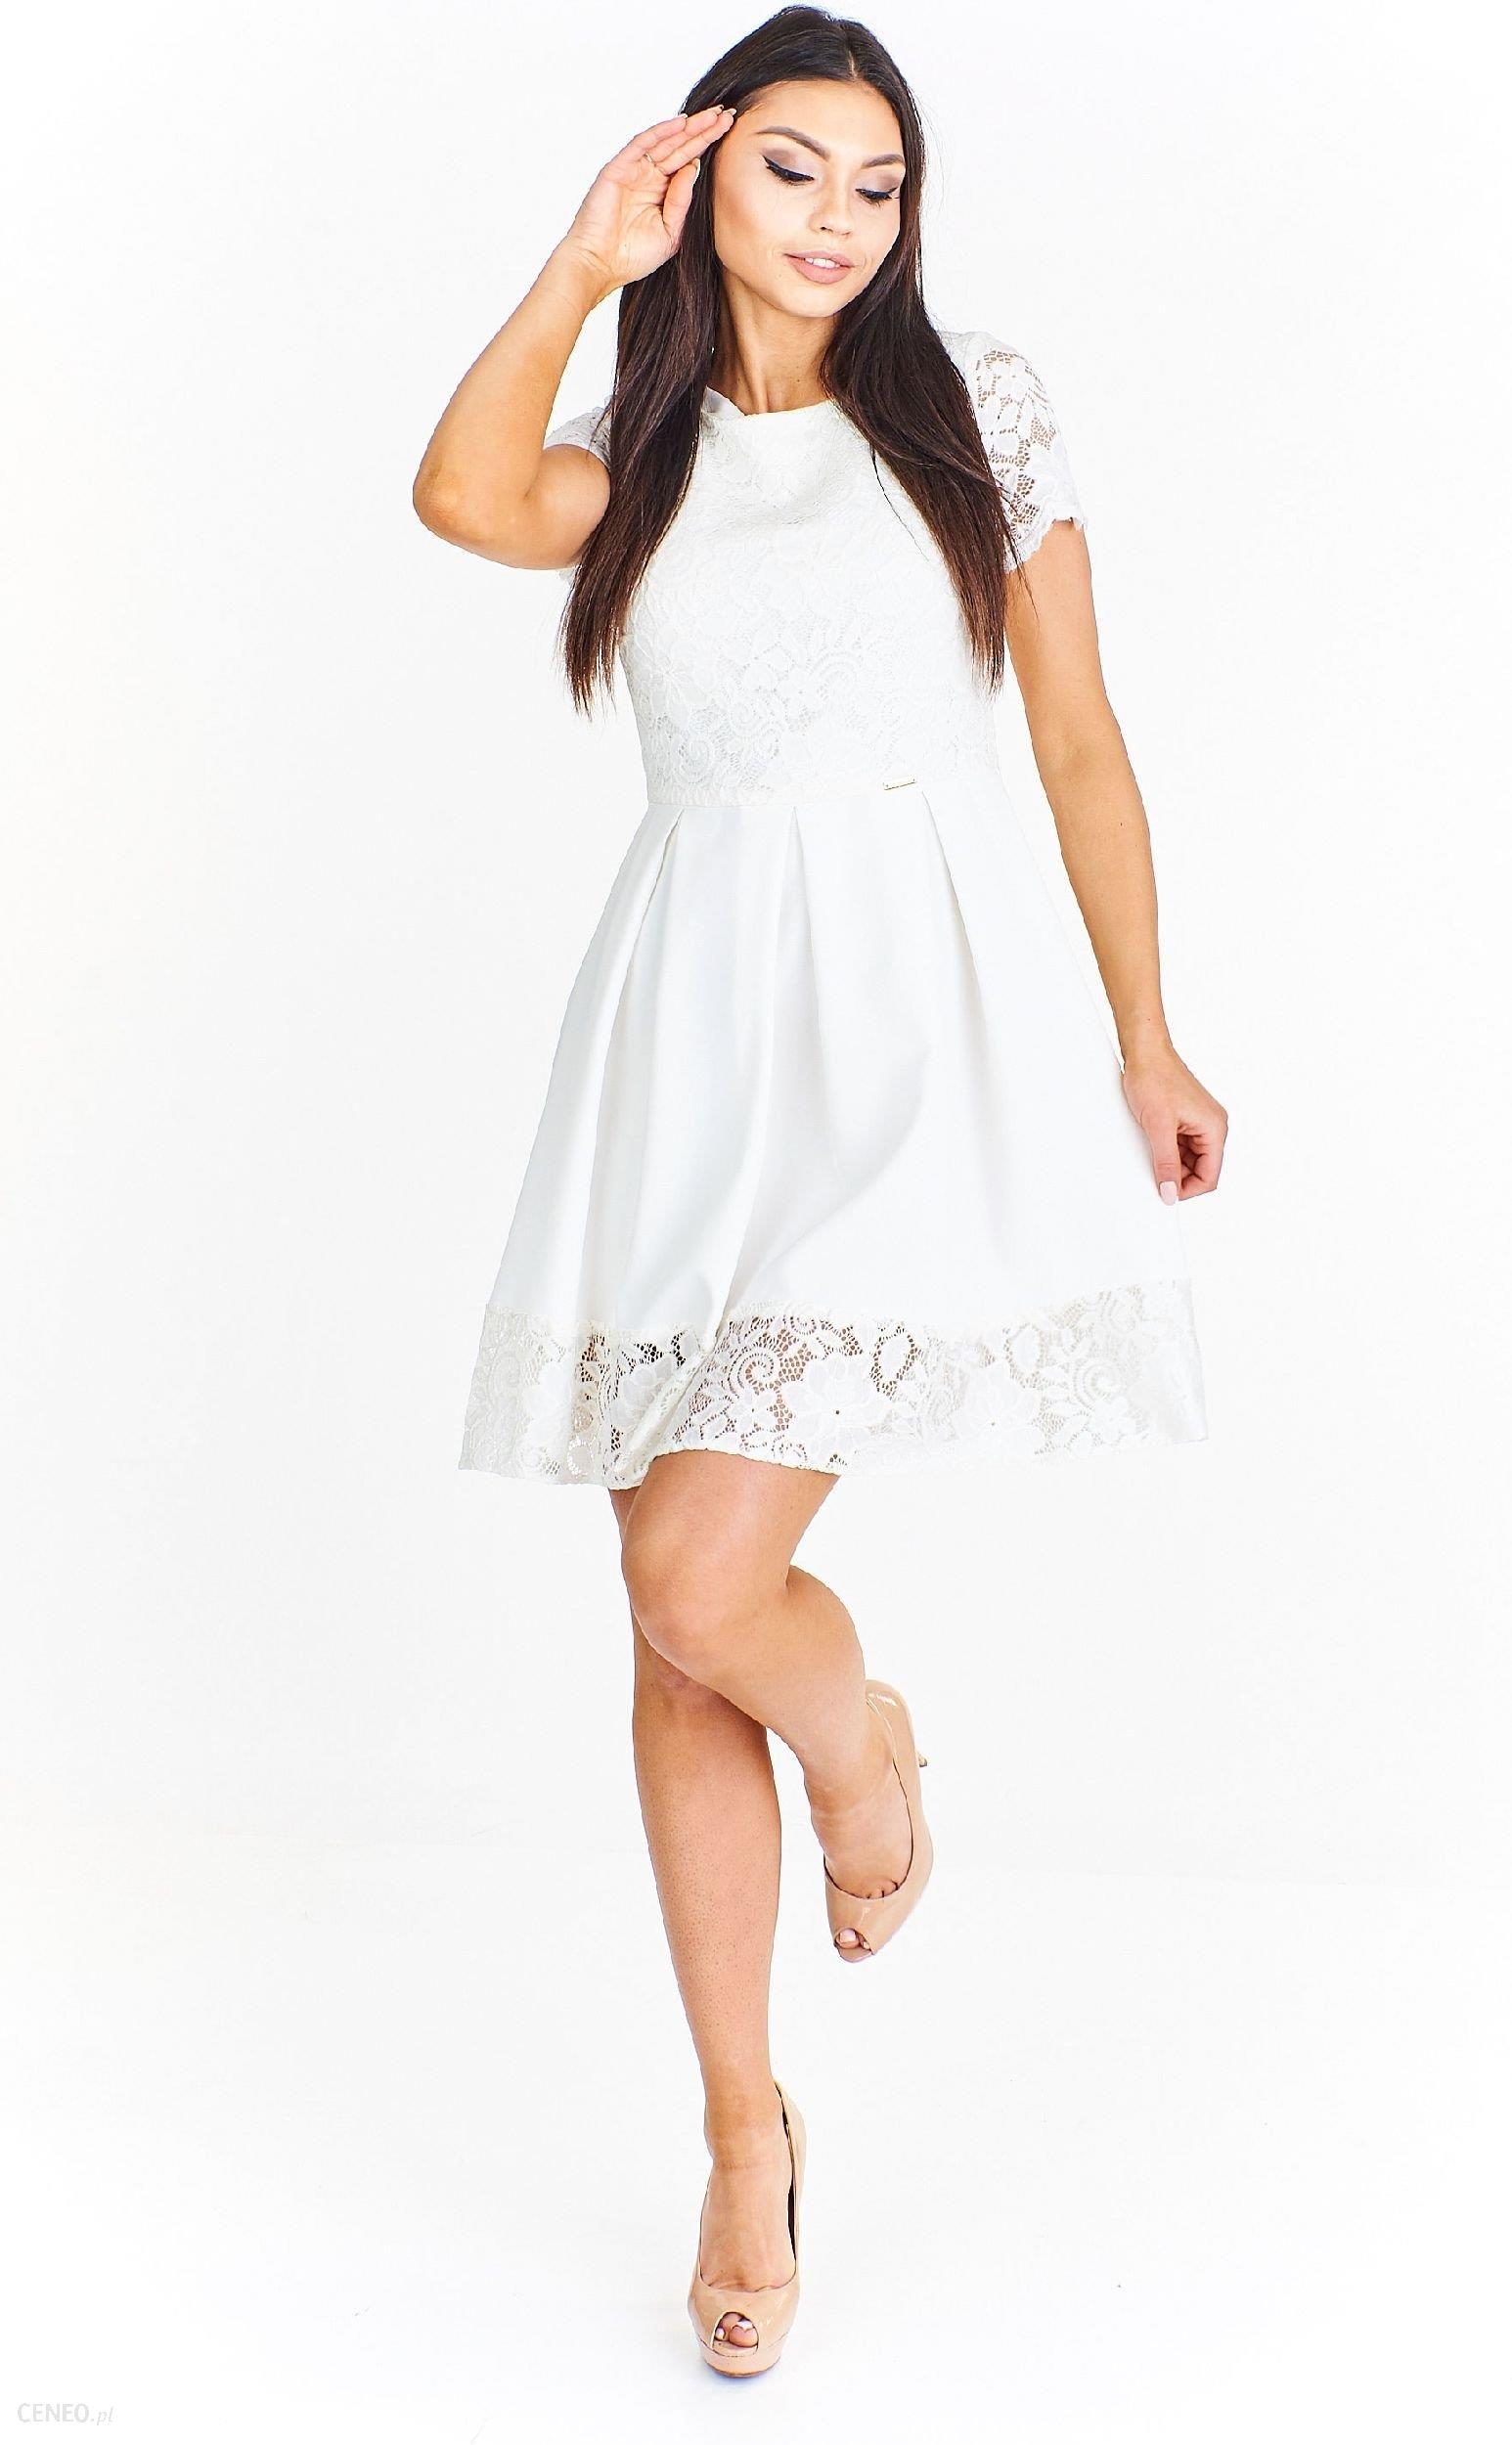 9cdcc31d46 Ptak Moda Koktajlowa sukienka mini wykończona koronką M54889 ecru r. 46 -  zdjęcie 1